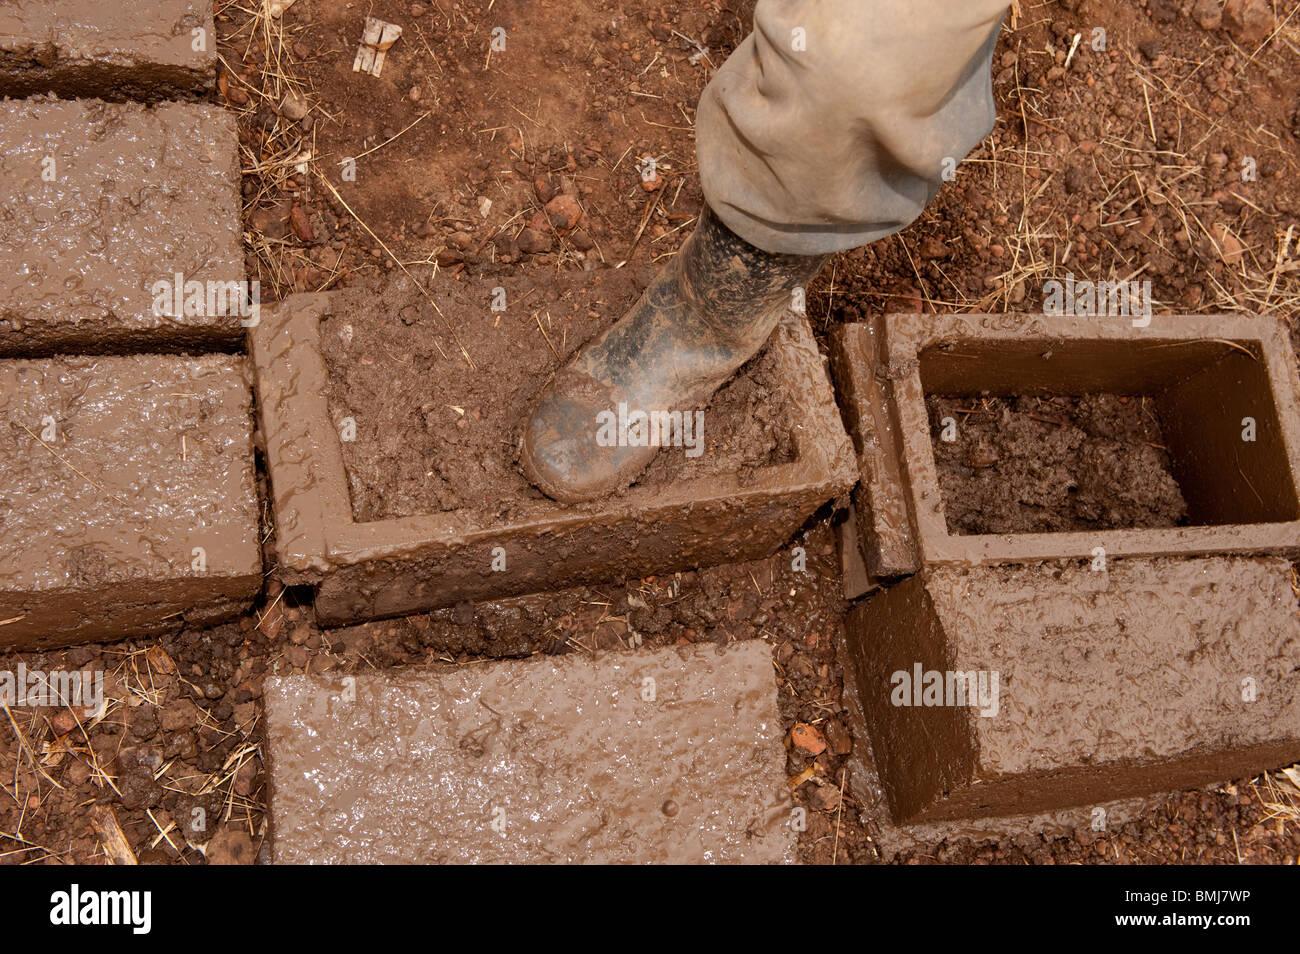 Making bricks from mud. Rwanda - Stock Image